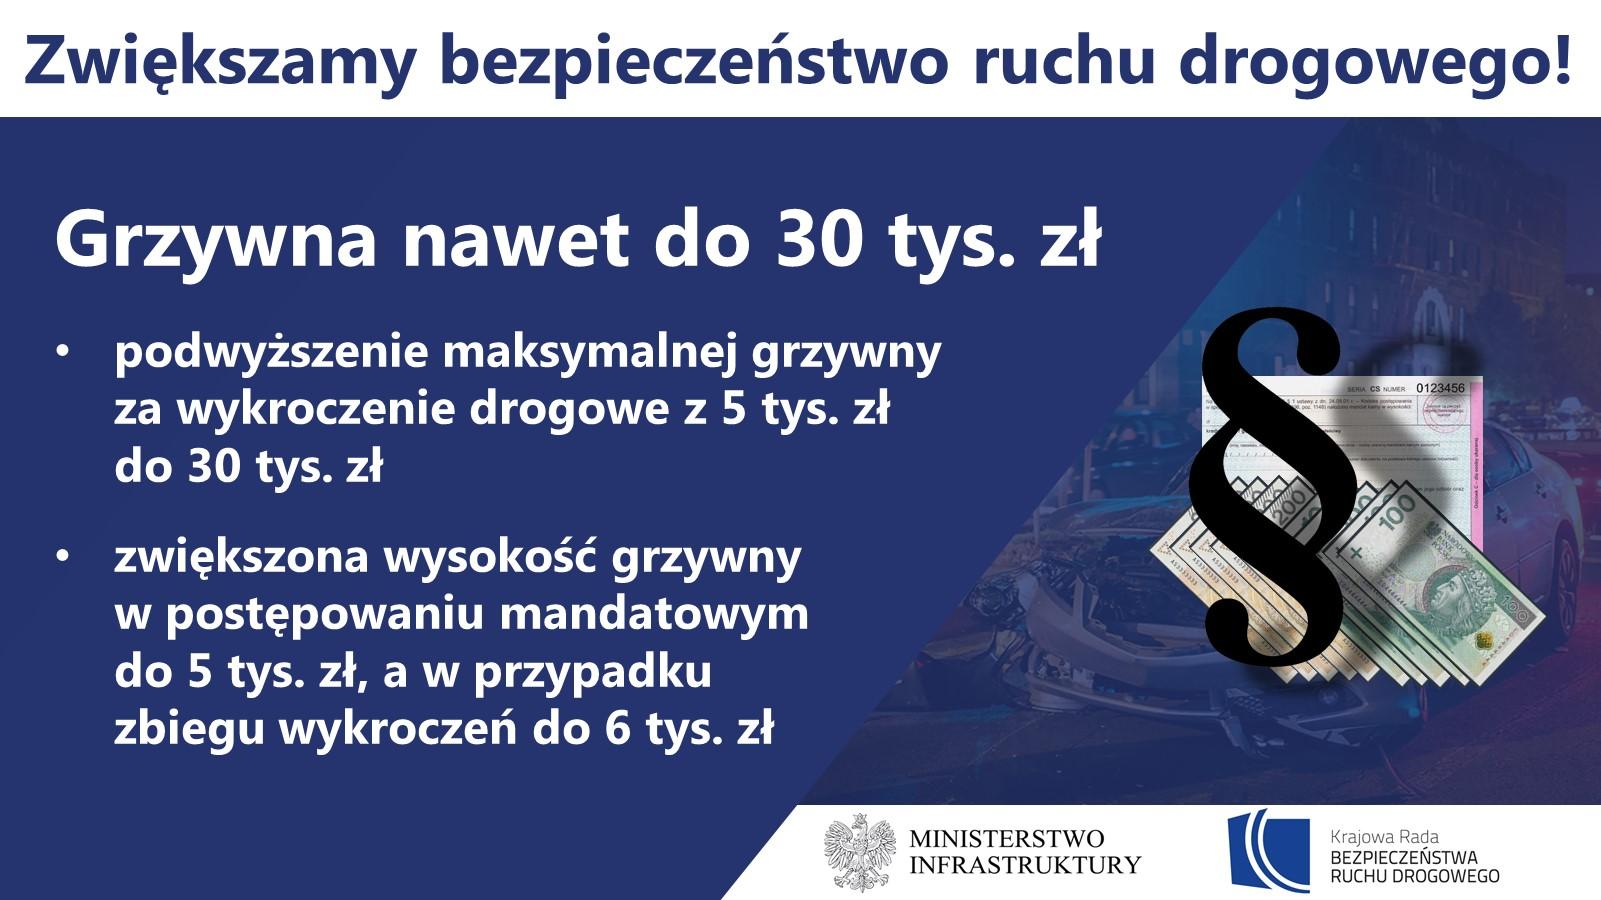 5cb8fb26-6e6a-406c-9f4f-95854b8368bf